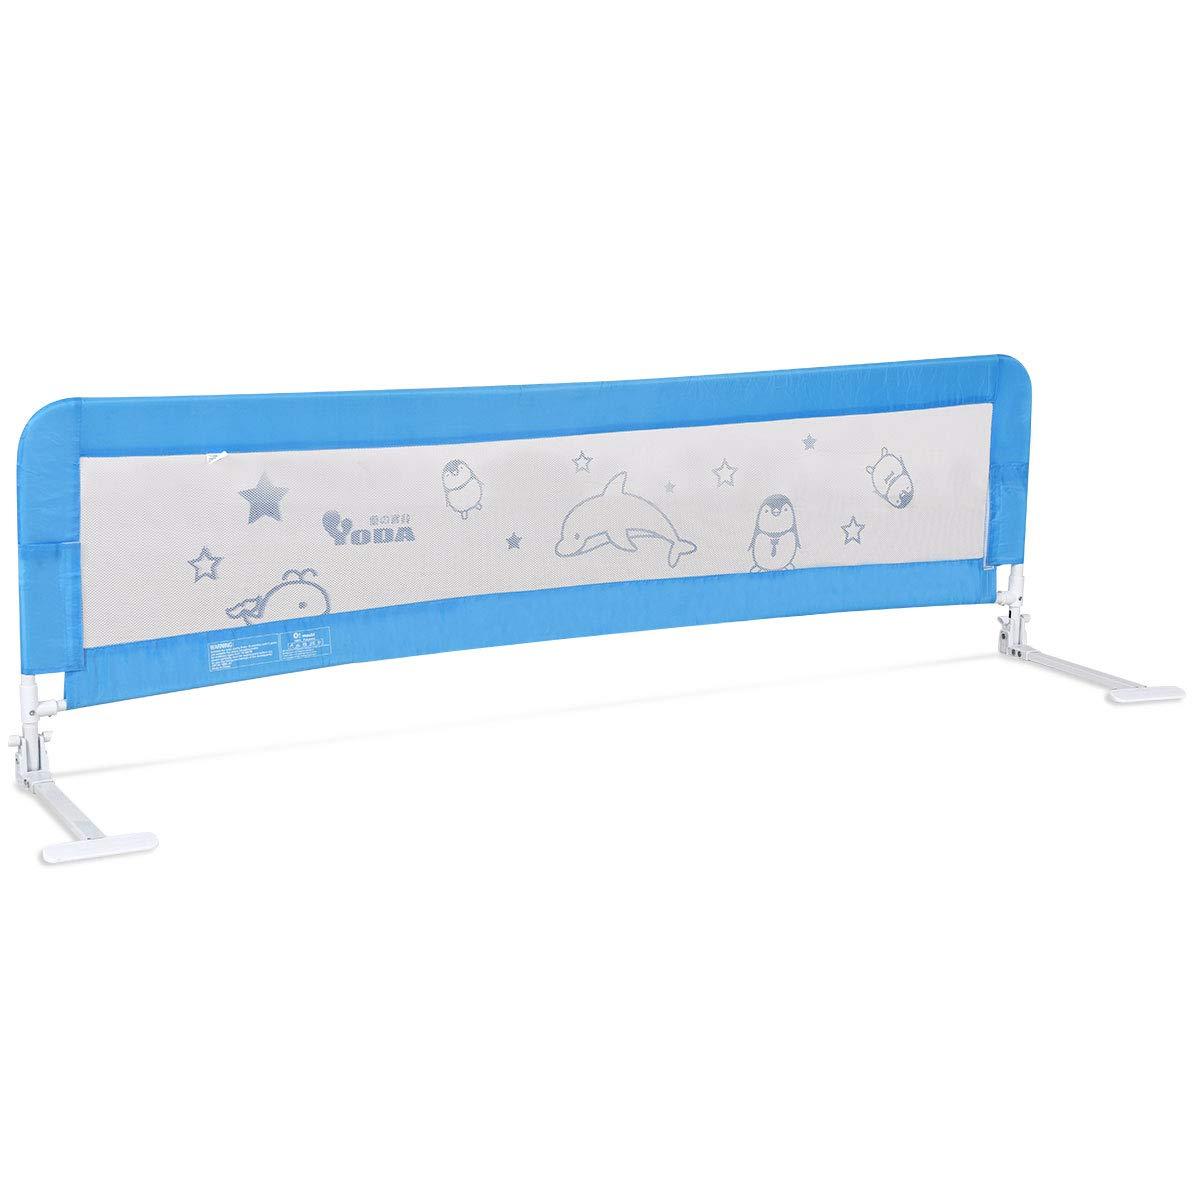 GOPLUS Barriera per letto Sponda sicurezza da letto Paracolpi lettino Protezione letto ribaltabile 180cm (Blu)